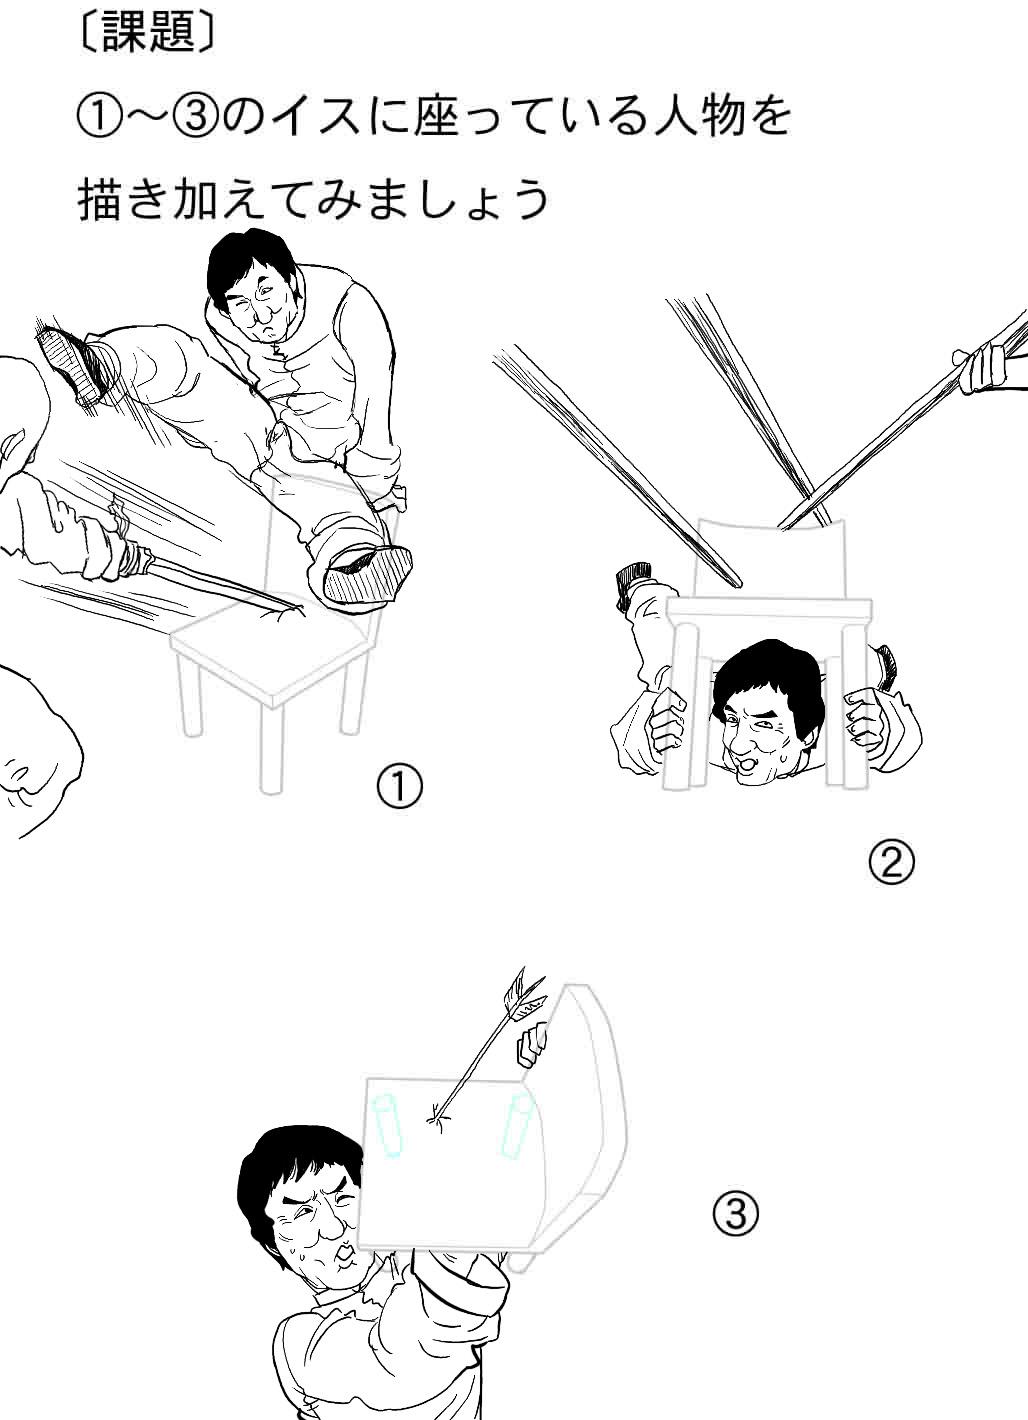 画像:イスに座っている人物を書き加えてみましょう [おもしろ]